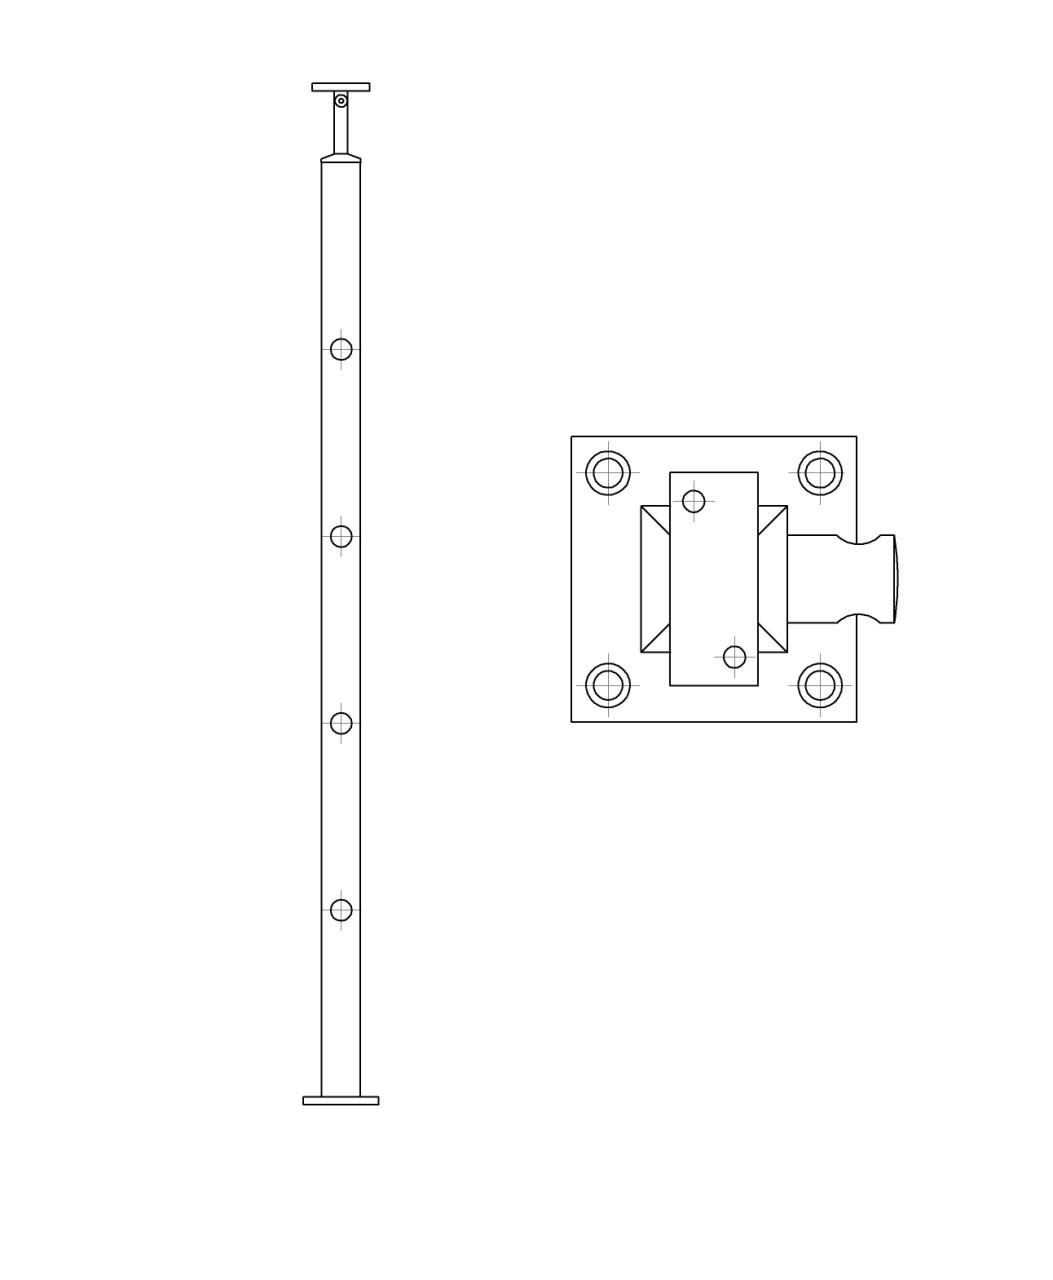 ODF-20-04-01-H1060 Стойка под ригельное наполнение с 4-мя регедержателями и квадратный поручень